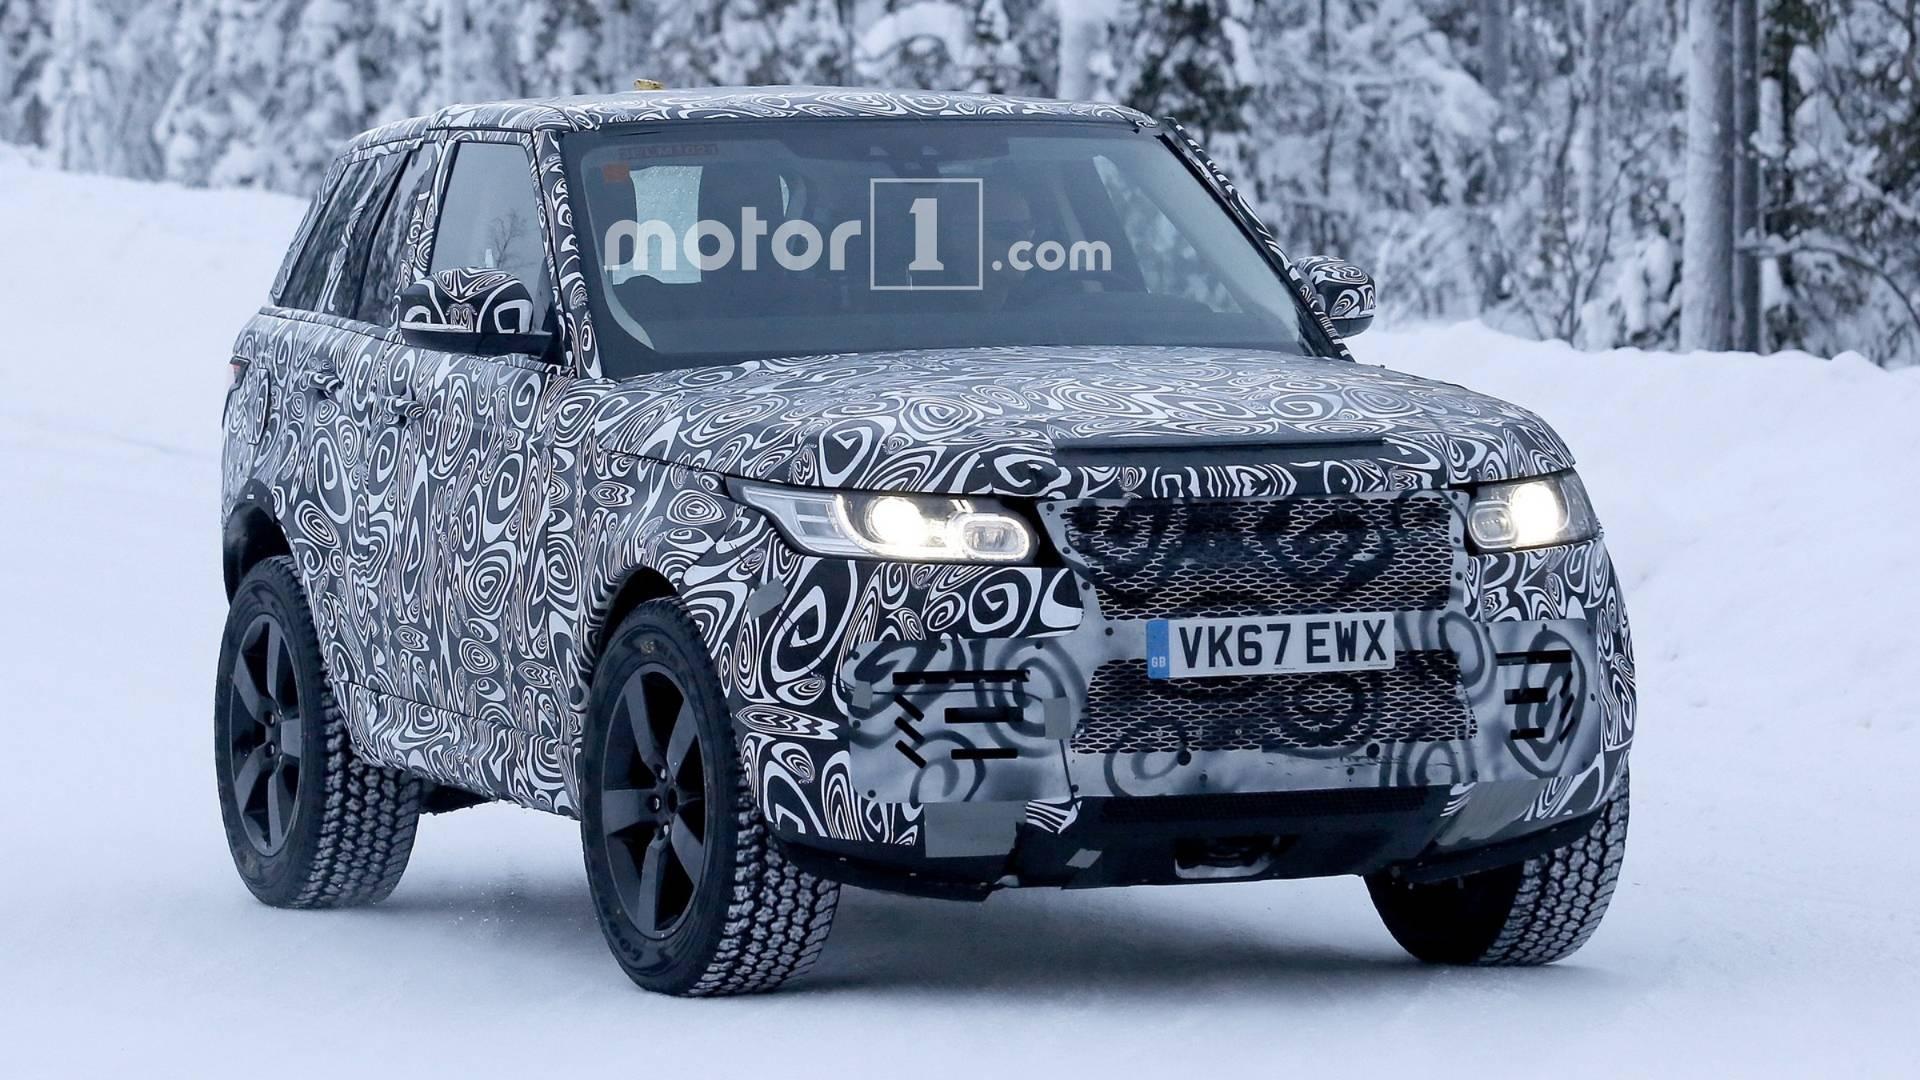 2019-land-rover-defender-spy-photo-1 Land Rover Defender Sport vine ... in 2026